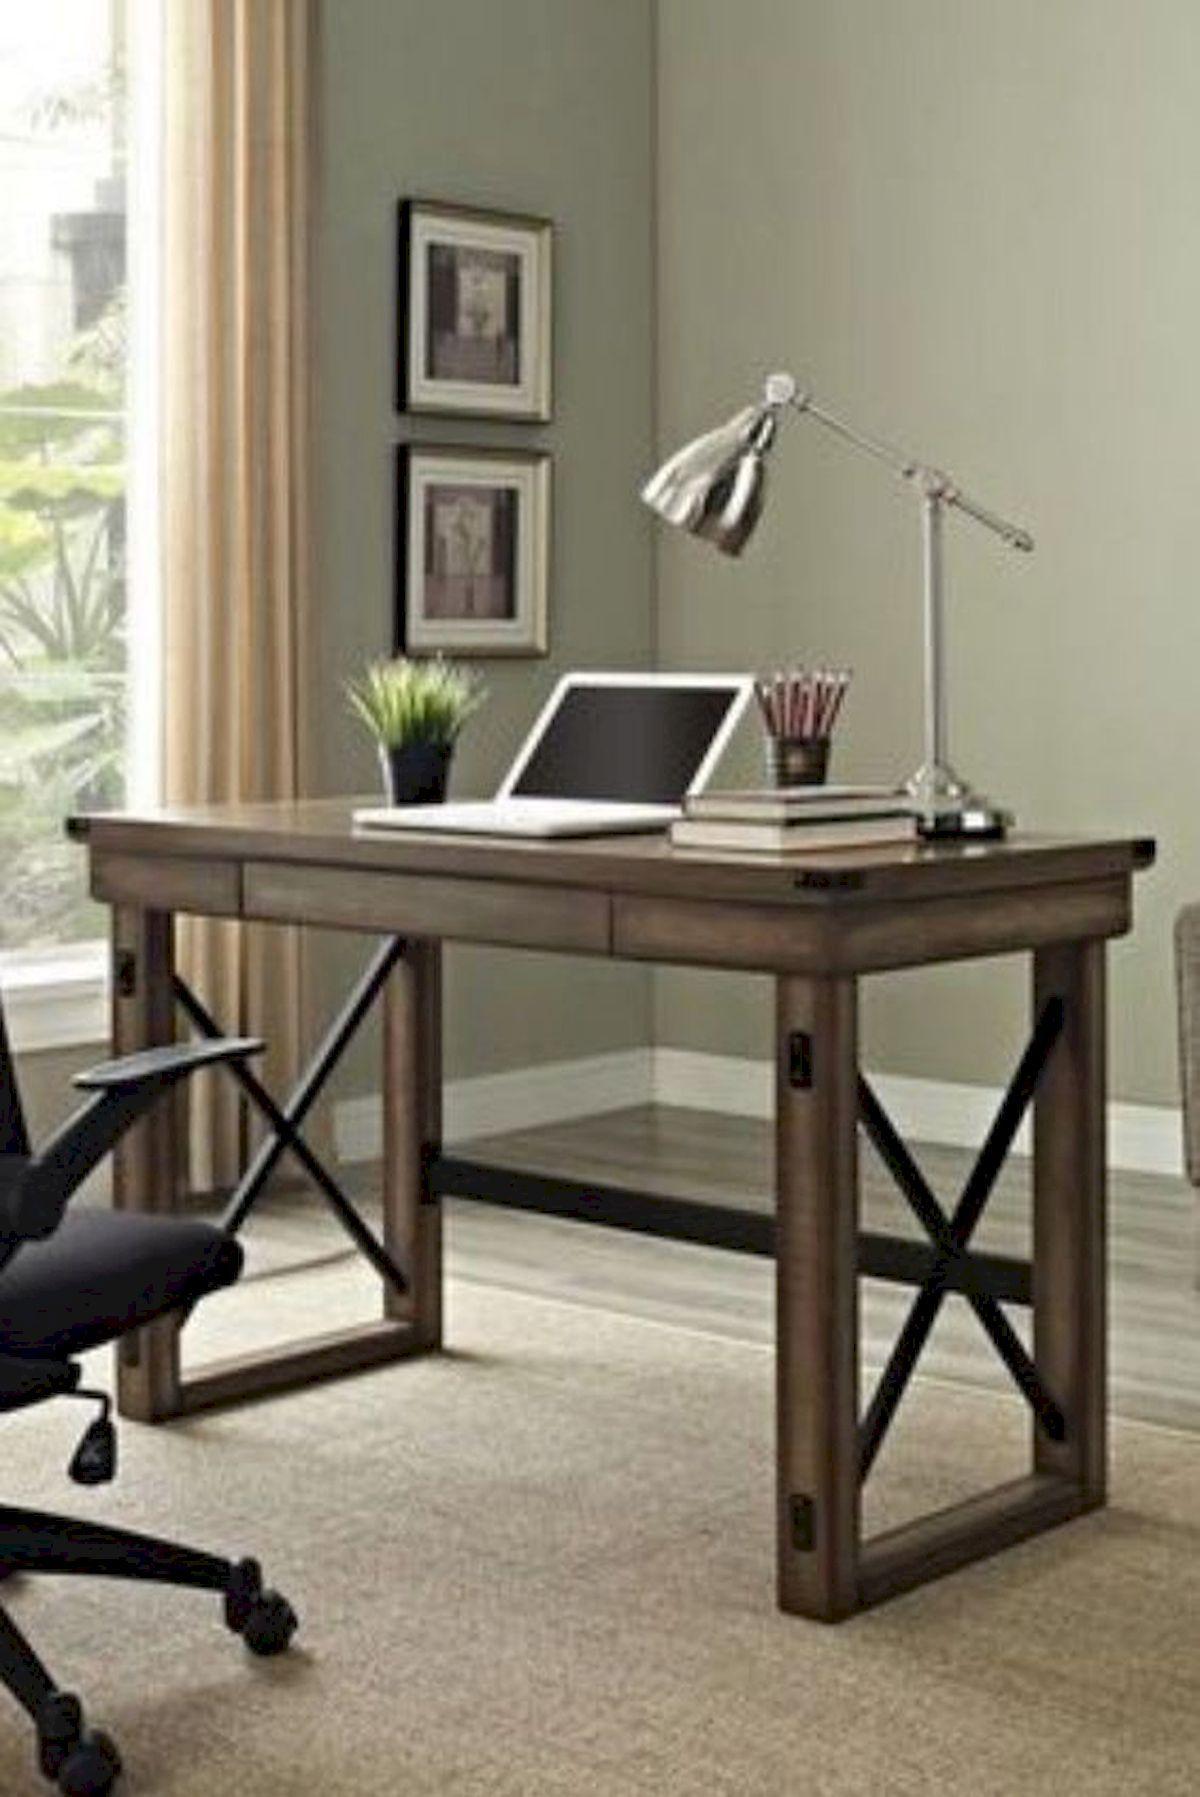 60 Favorite DIY Office Desk Design Ideas and Decor